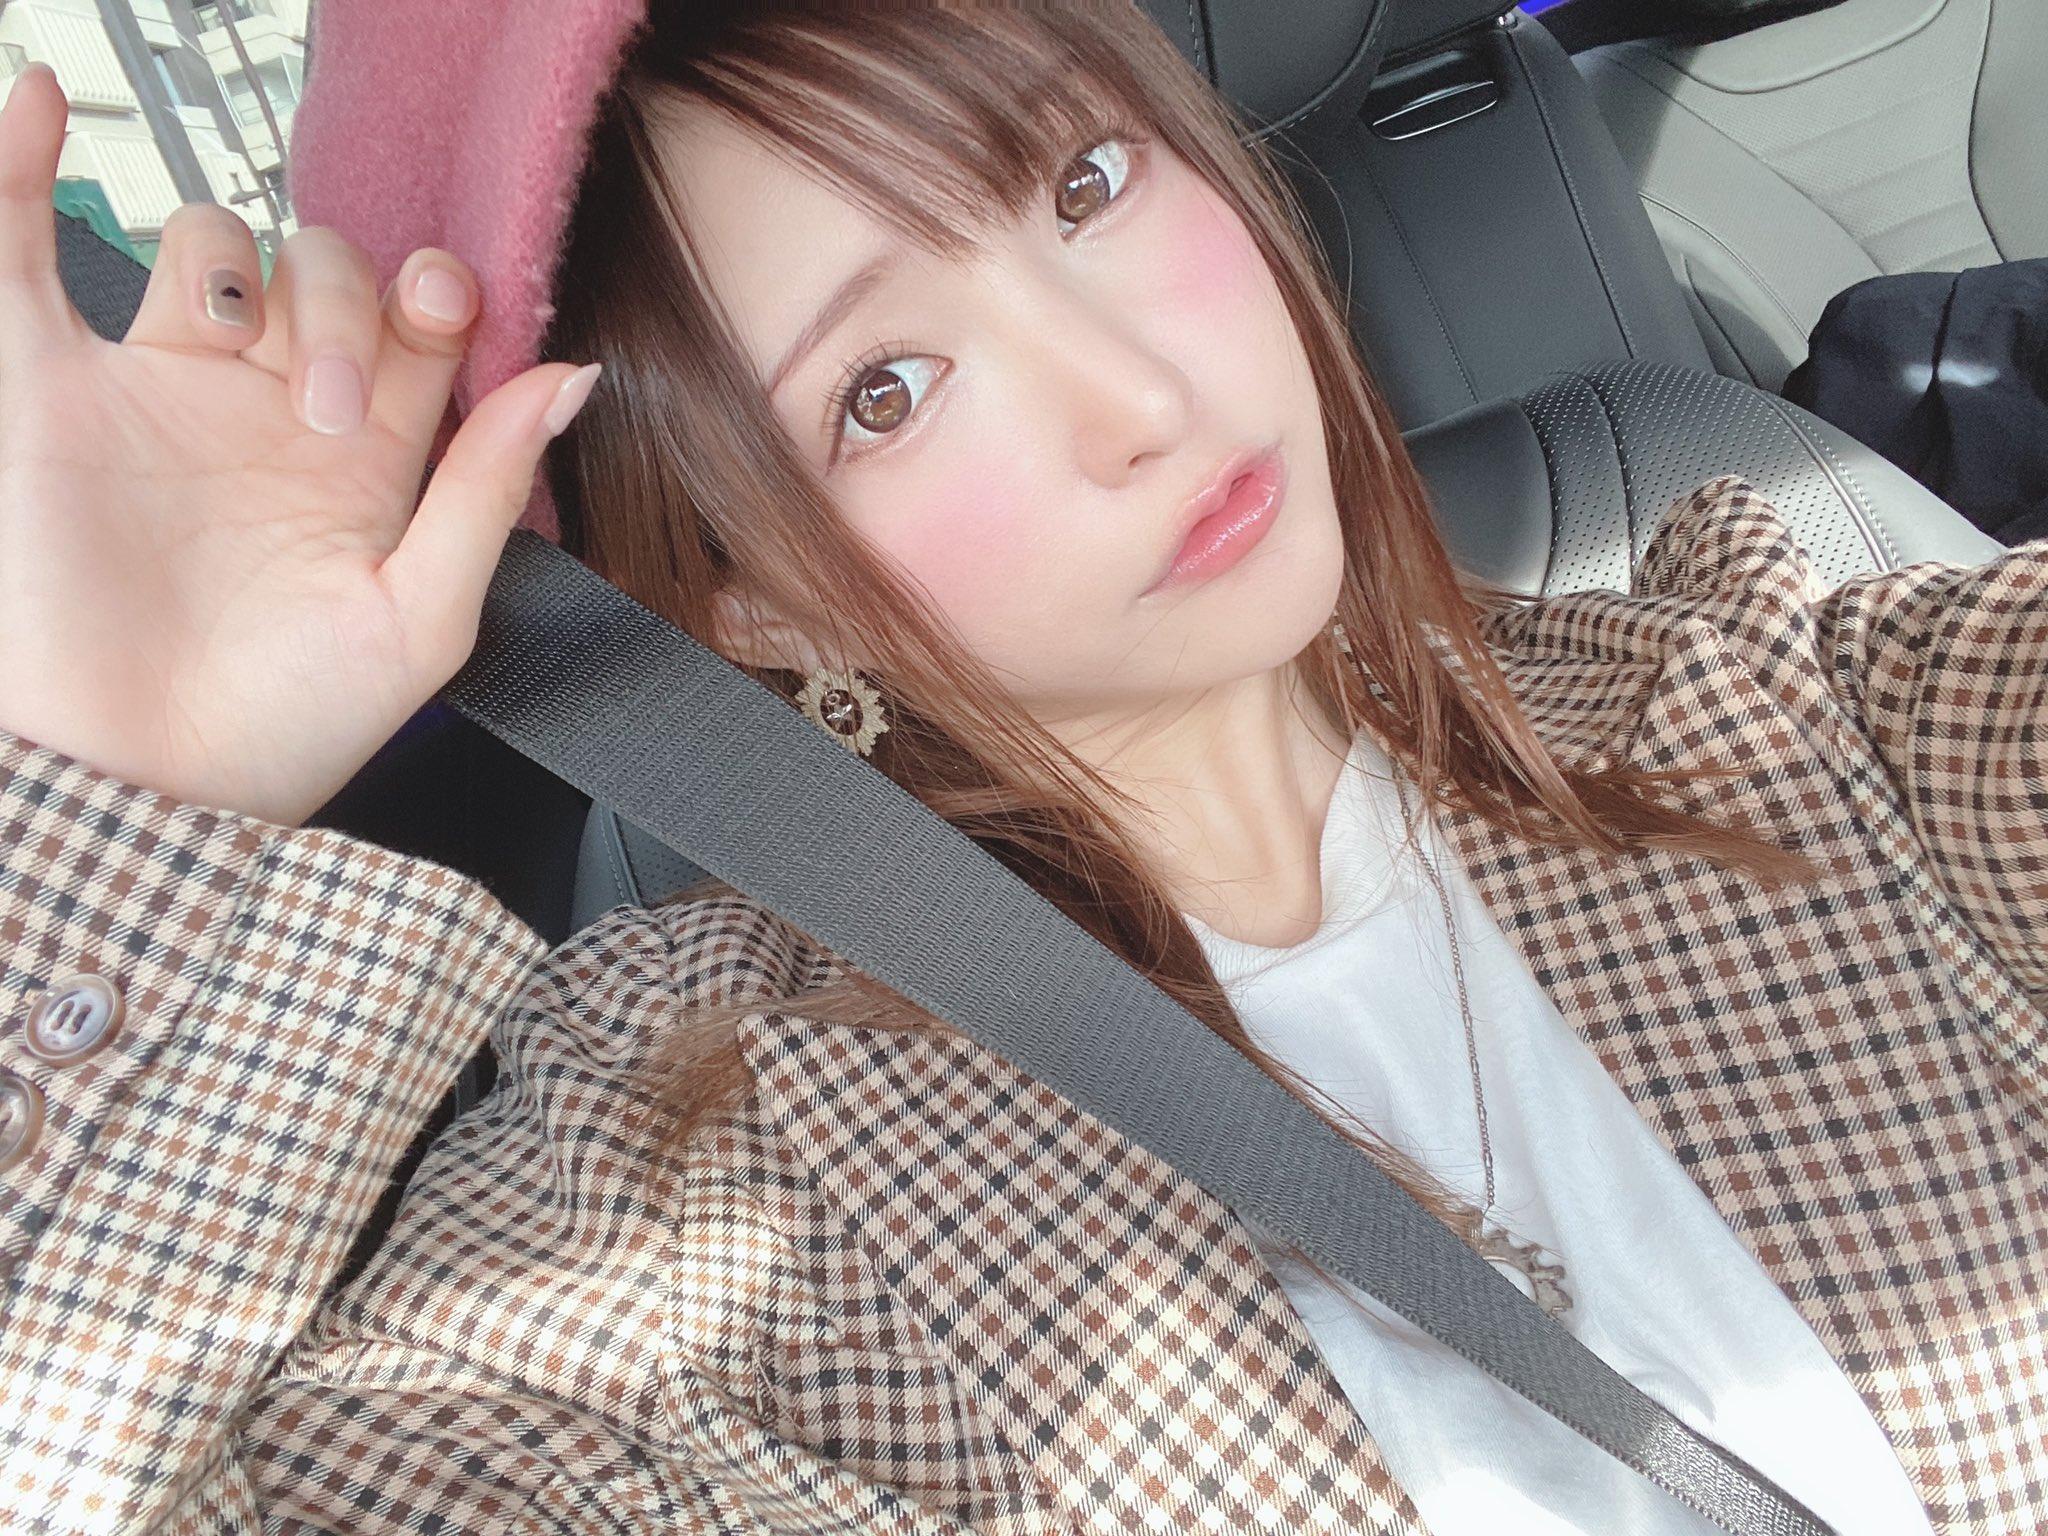 amatsuka_moe 1196285936989954048_p0